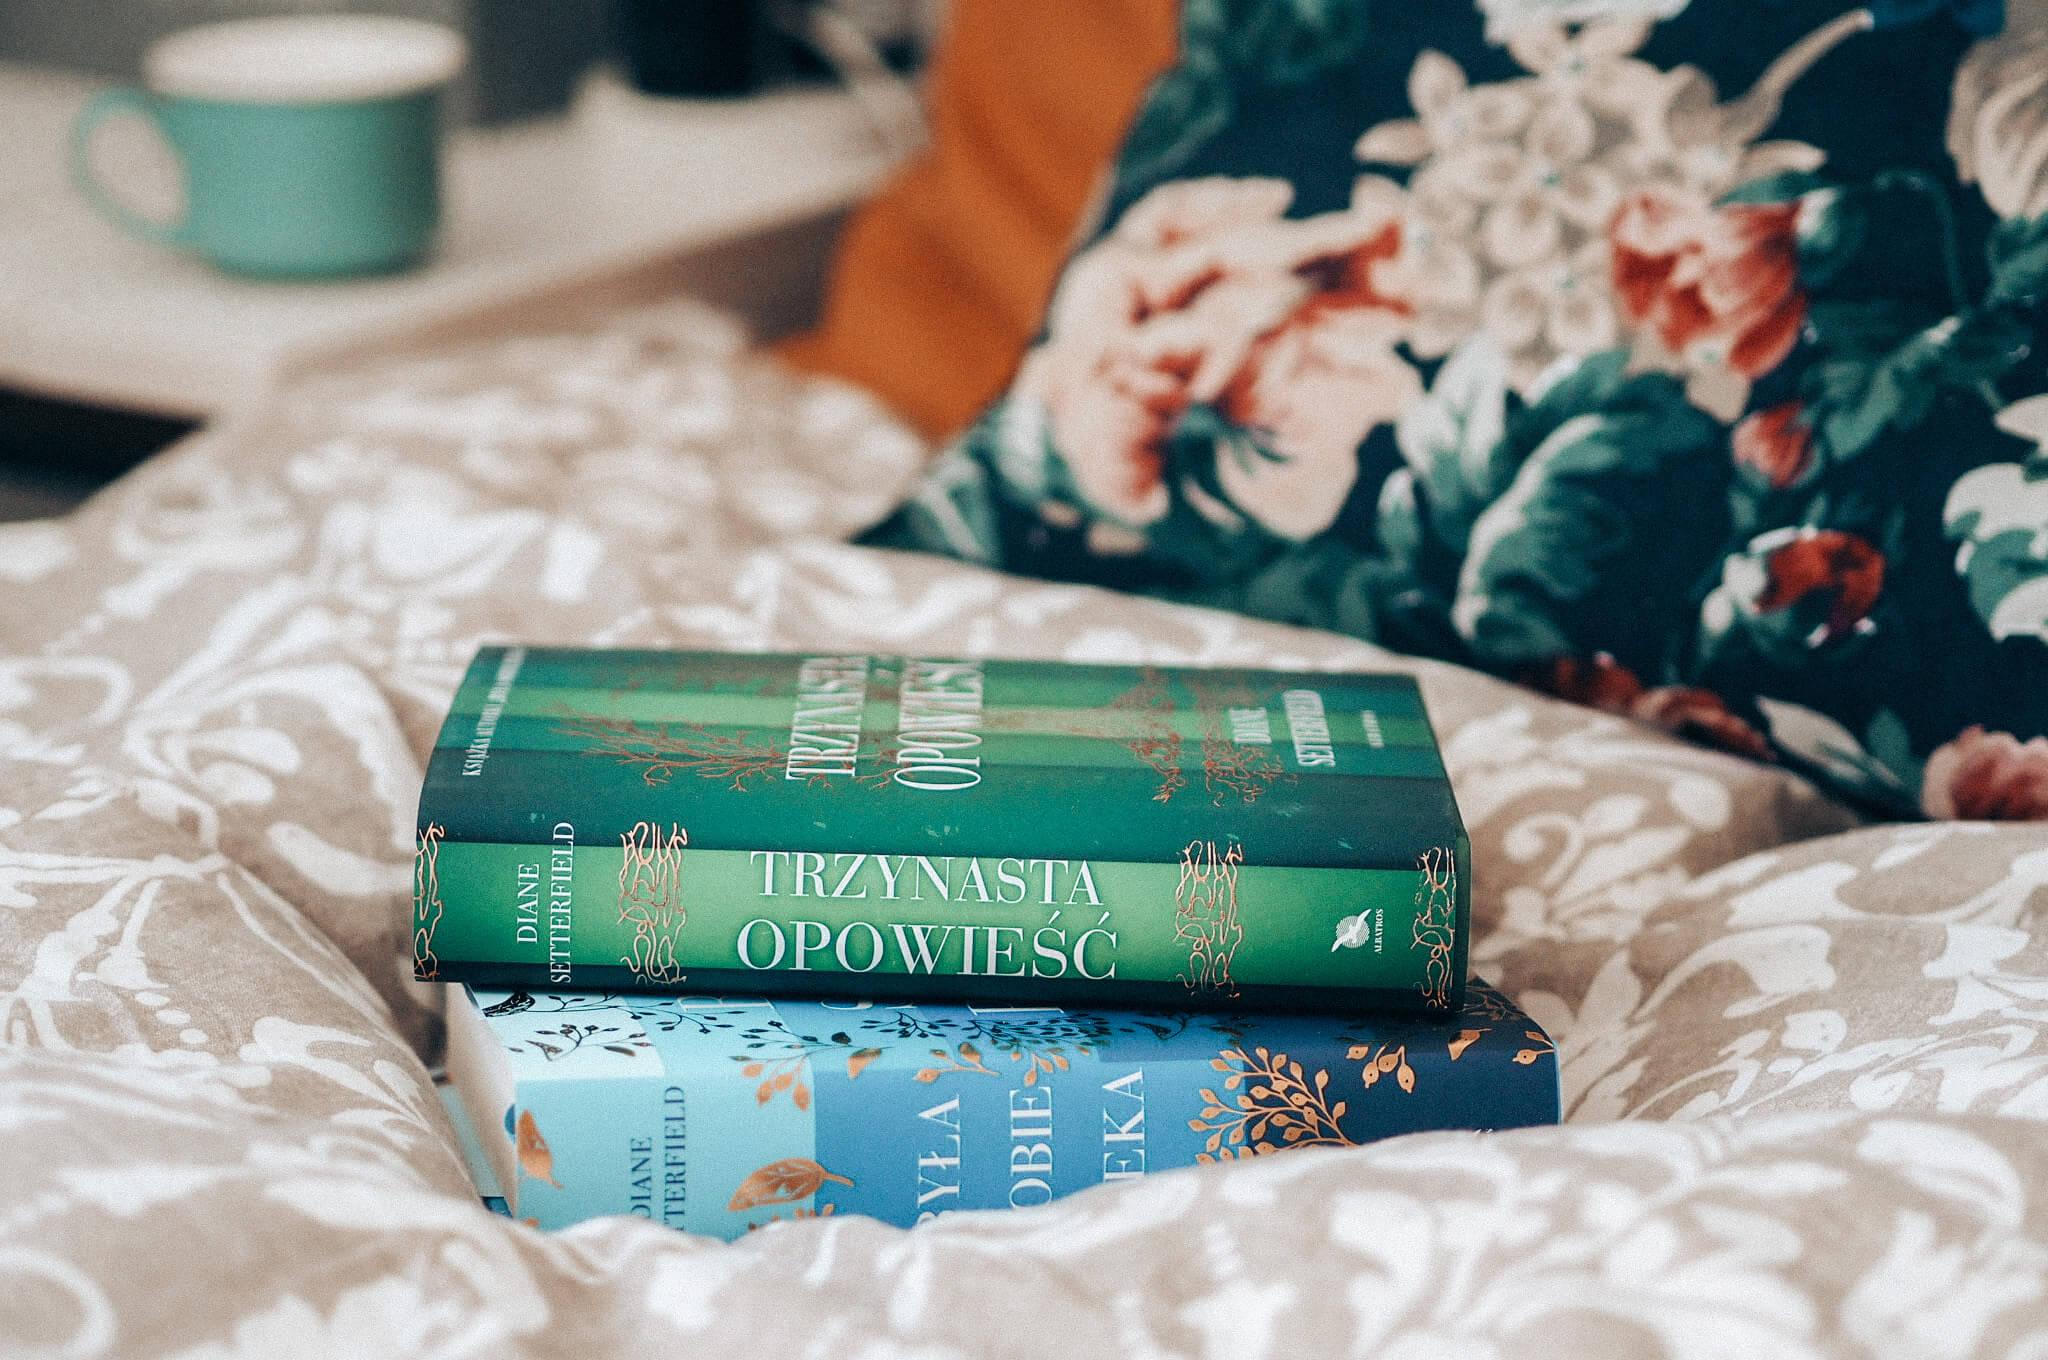 Trzynasta opowieść - Diane Setterfield